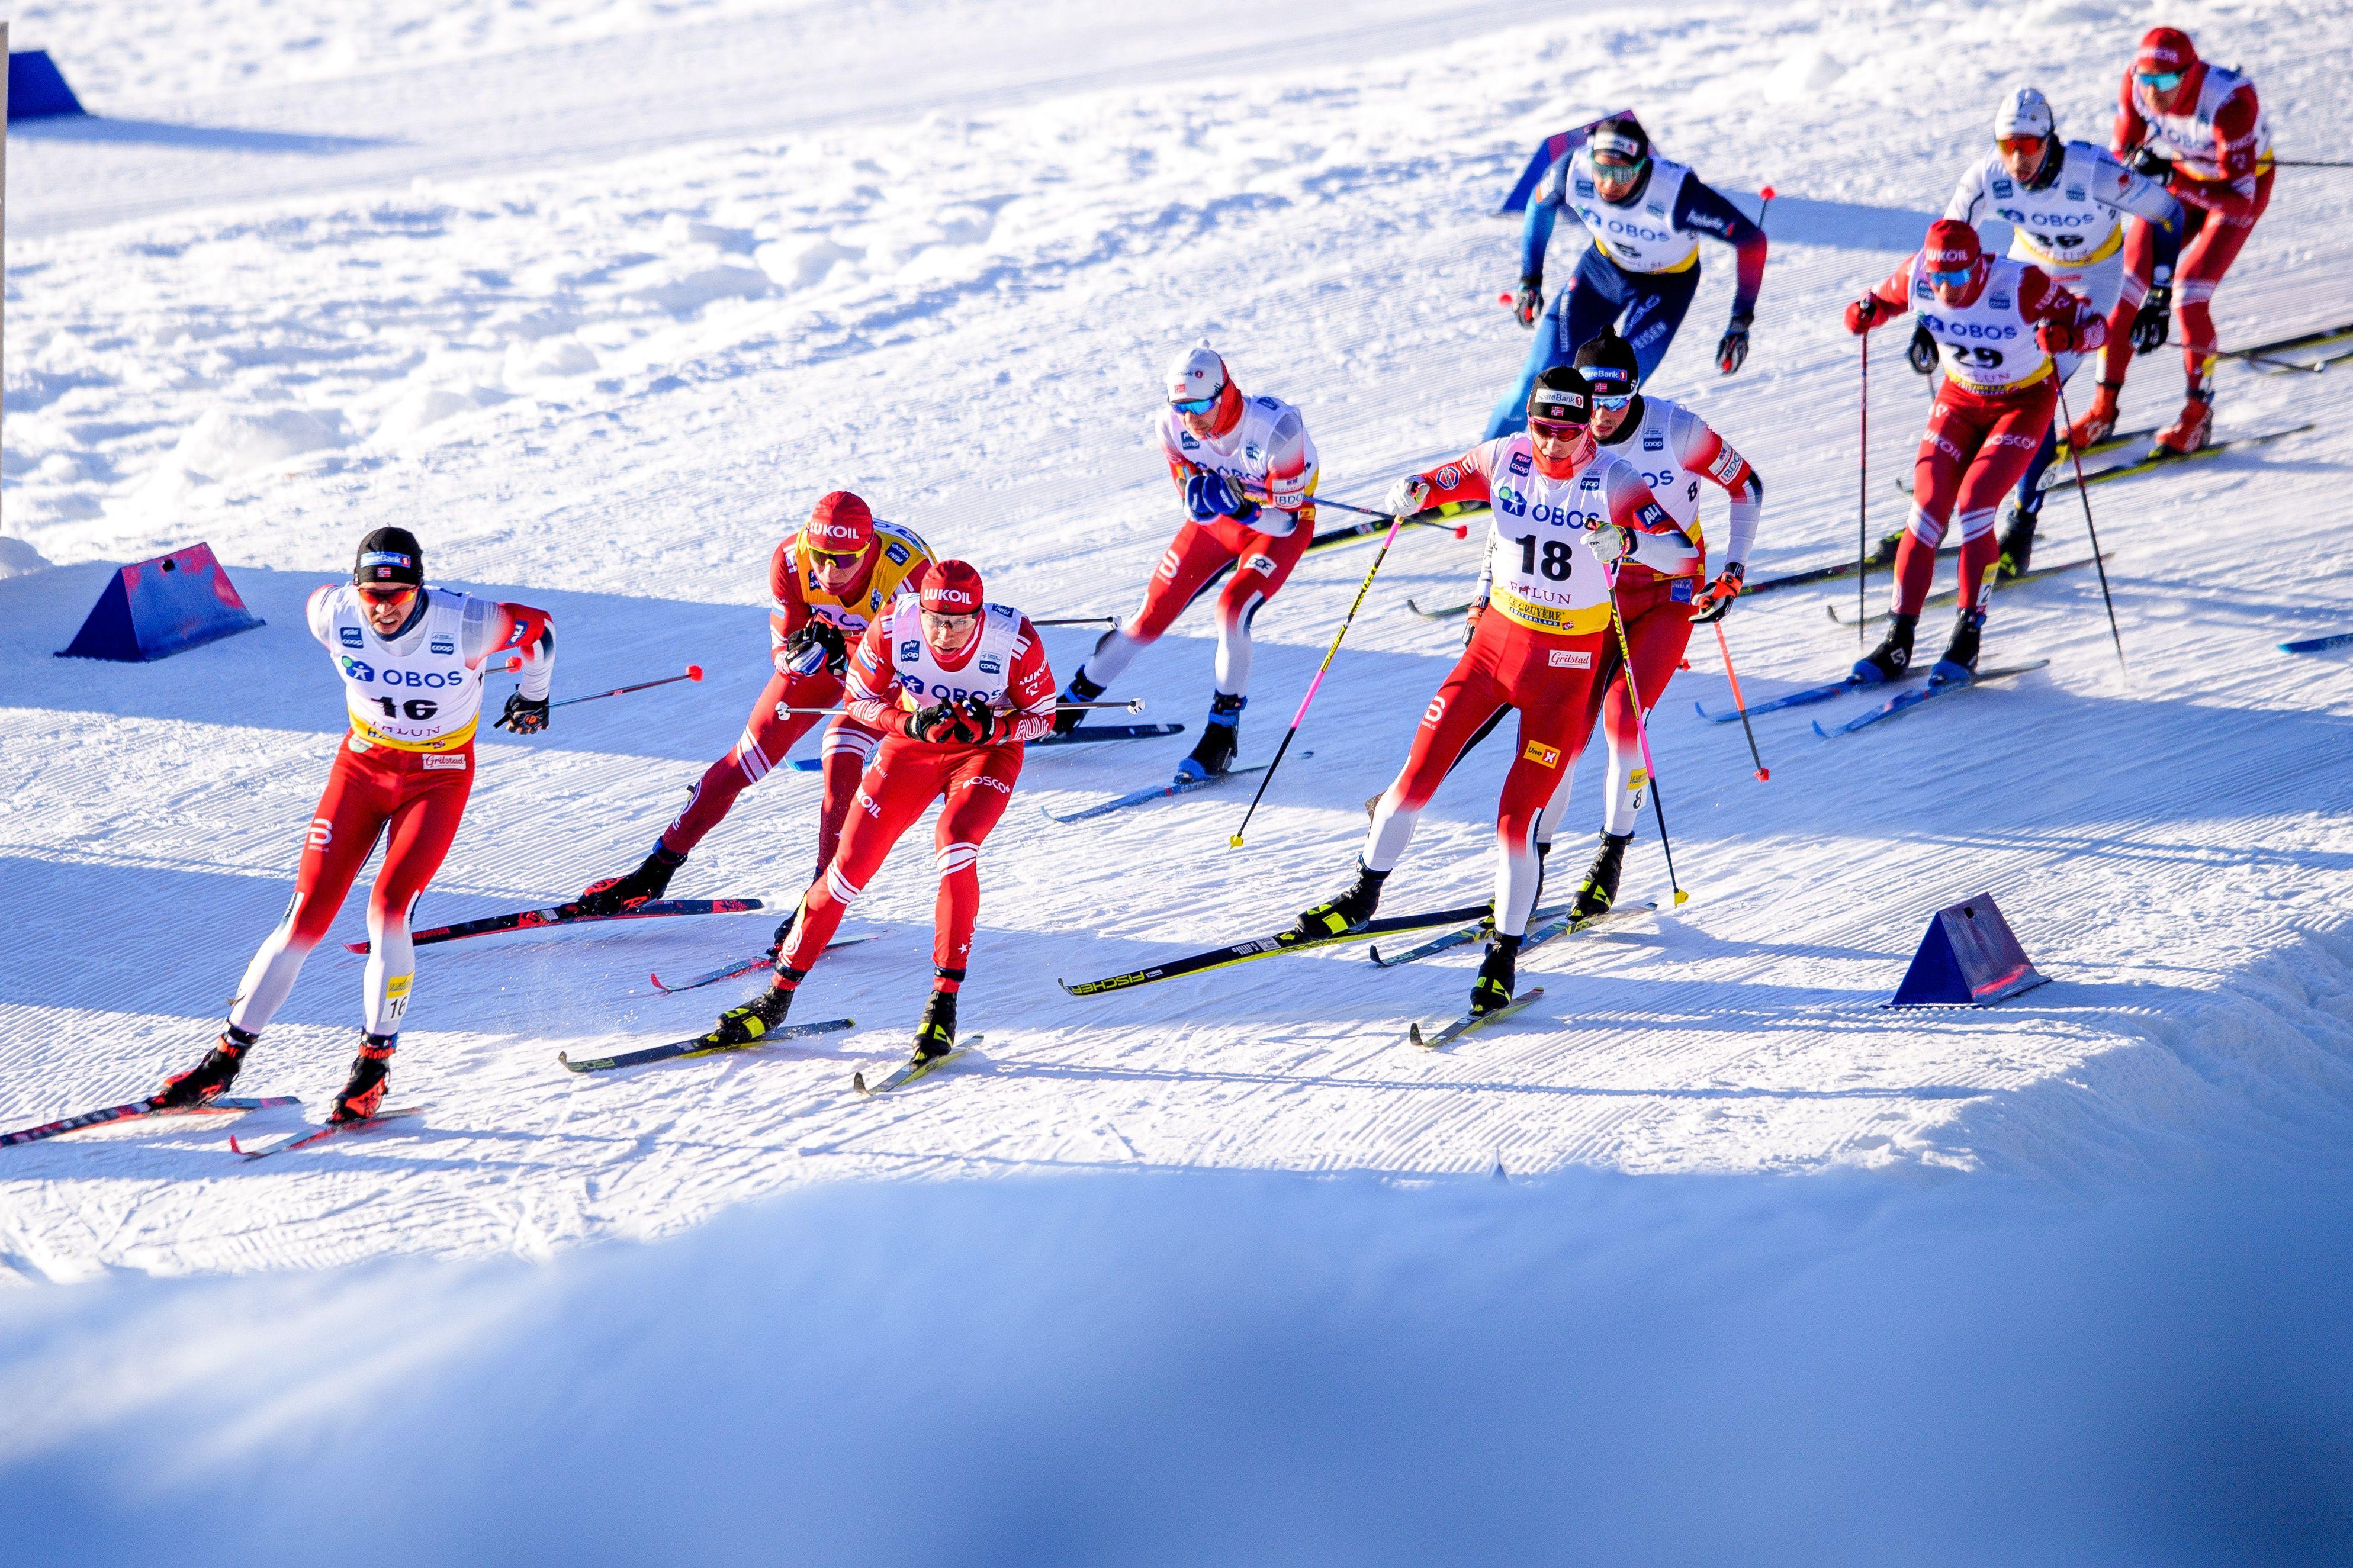 Лыжники сборной Норвегии рассказали о том, как планируют превзойти Большунова в скиатлоне на ЧМ